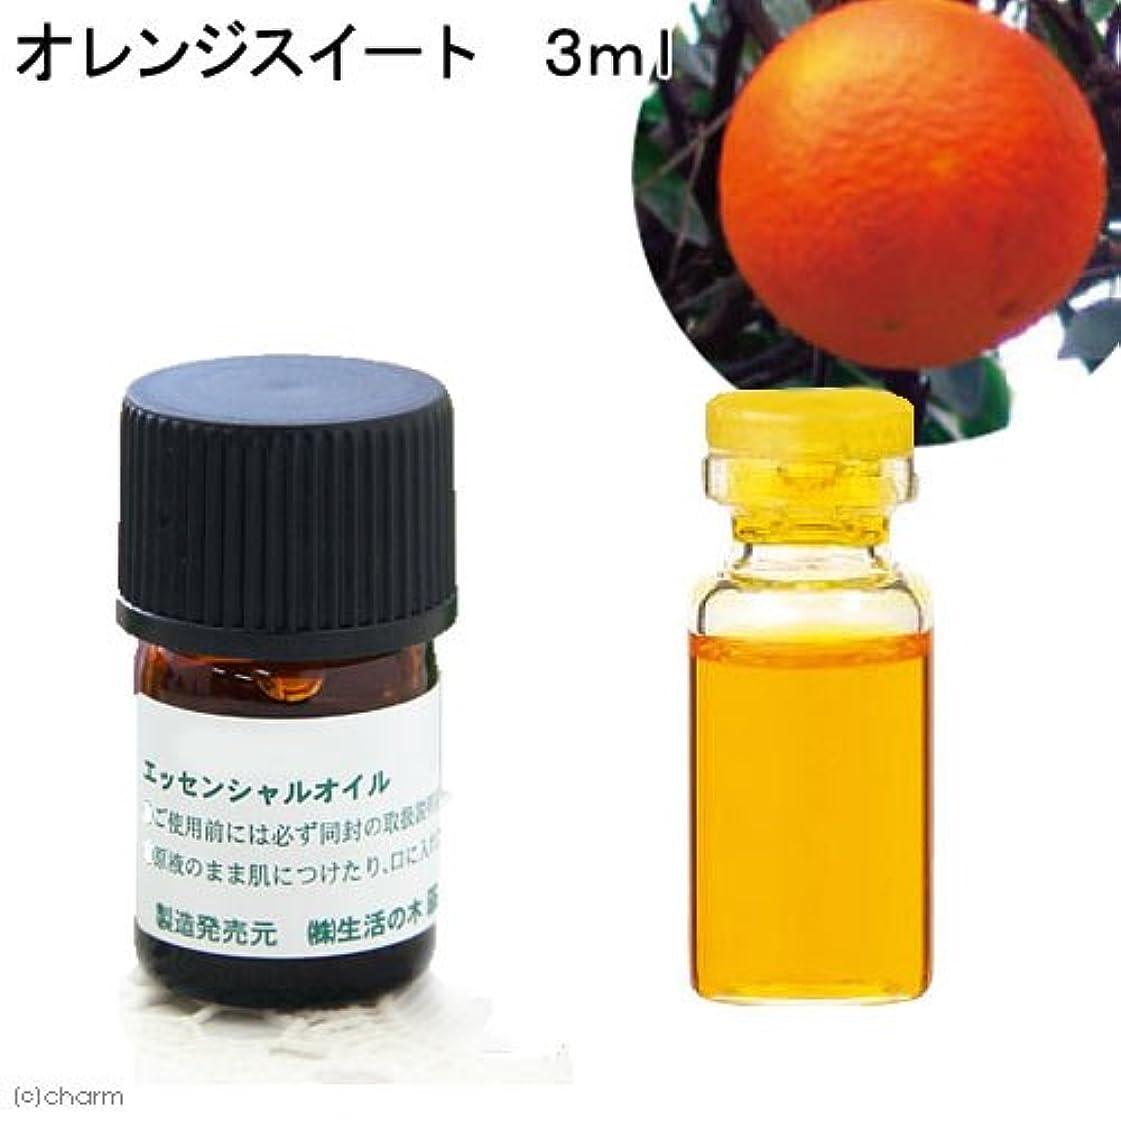 鼓舞するブルジョン傾向があります生活の木 オレンジスイート 3ml